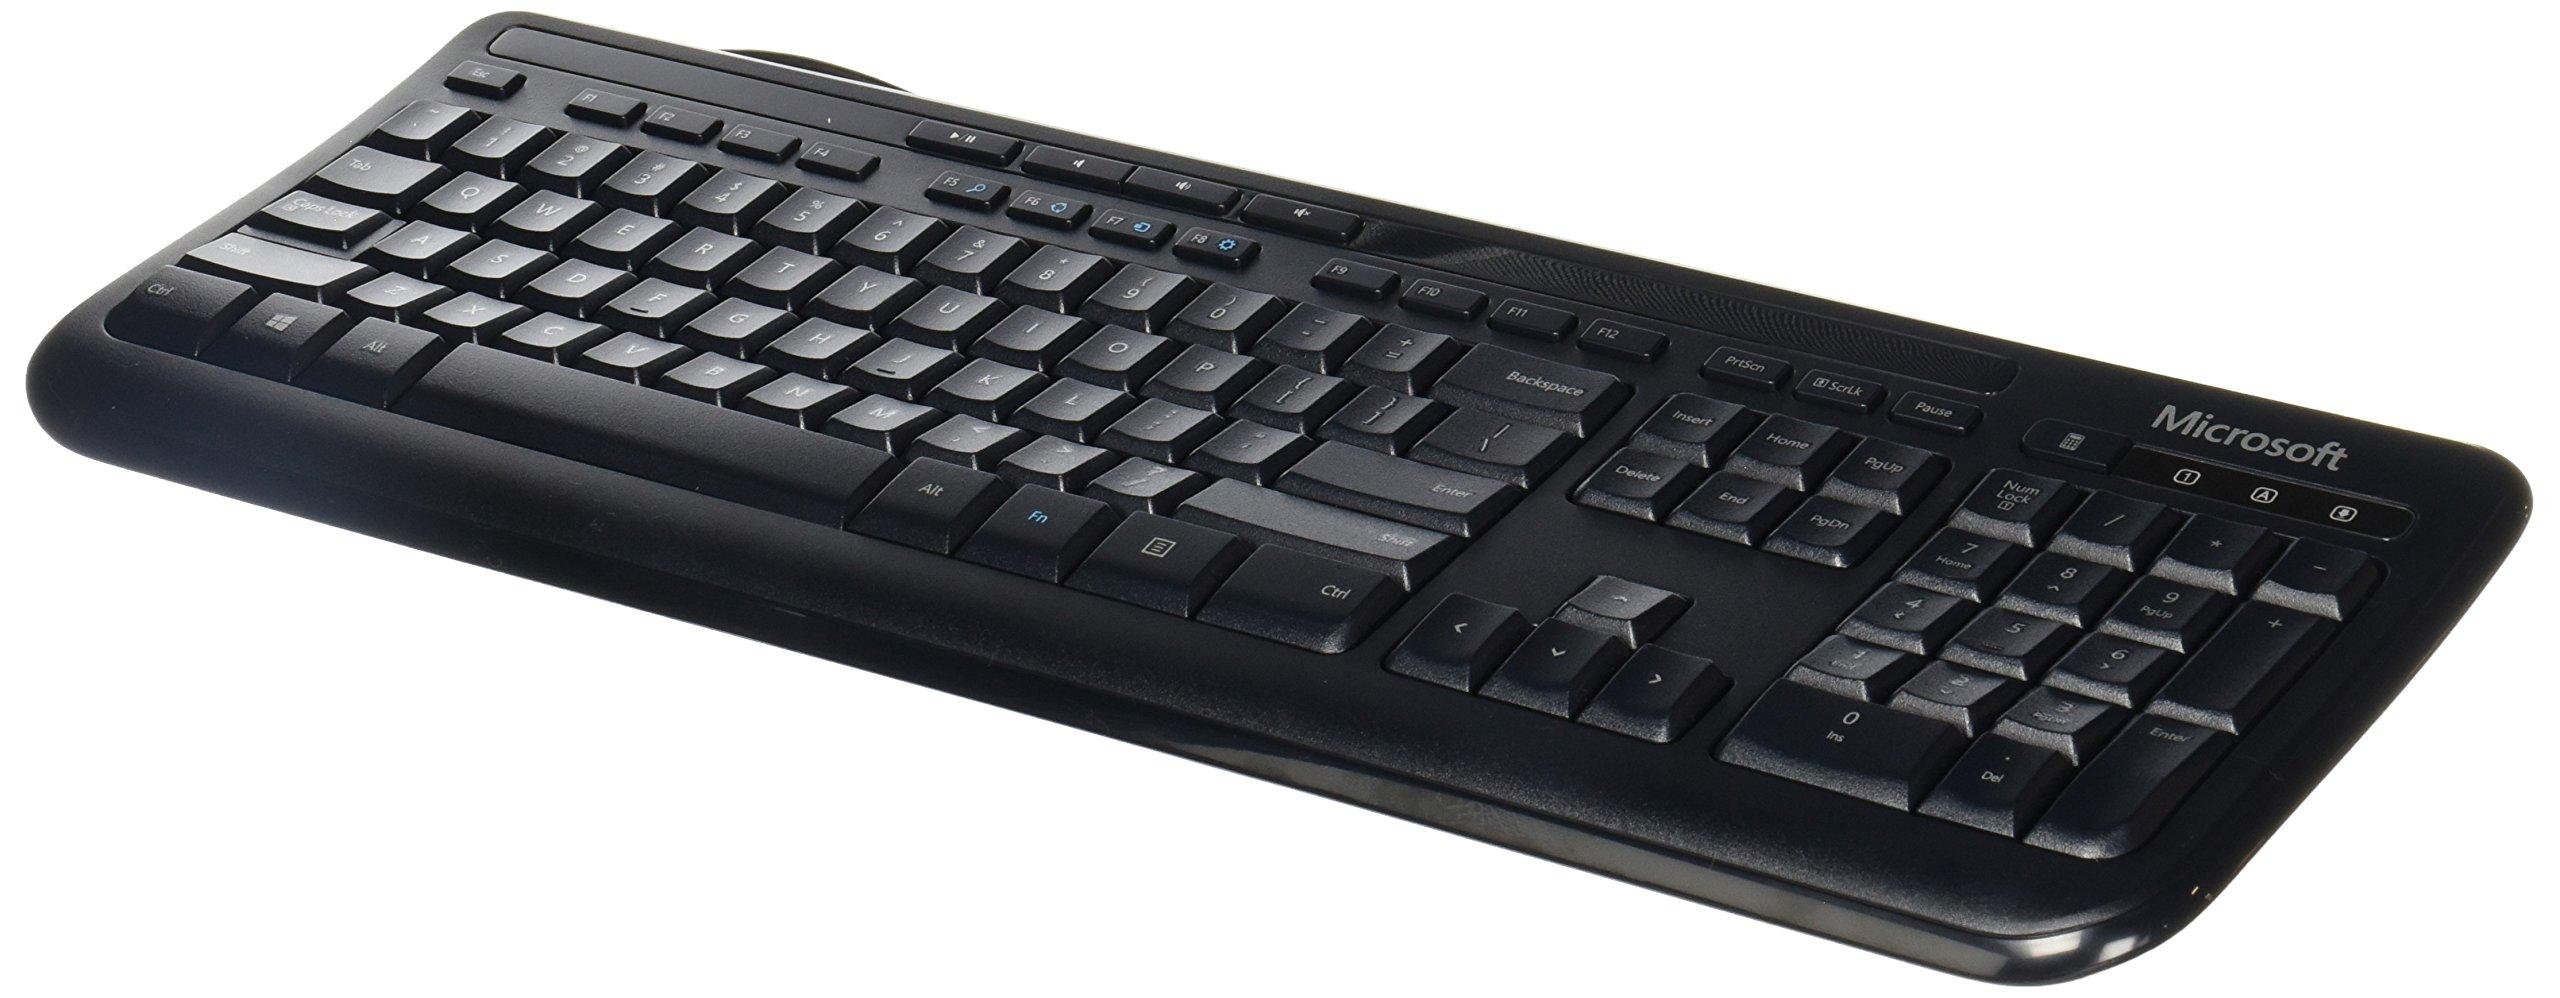 Microsoft Wired Keyboard 600 (Black)